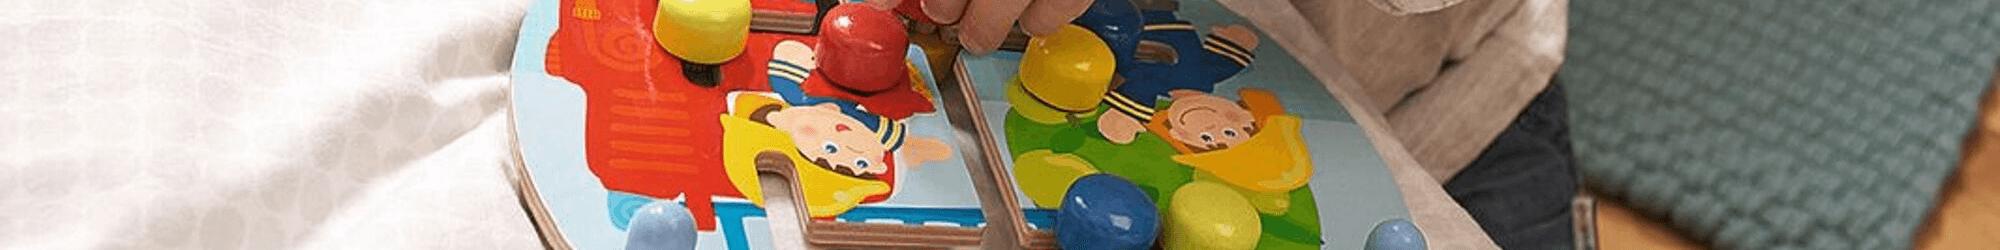 Speelgoedwinkel Daantje houten speelgoed motoriekbord